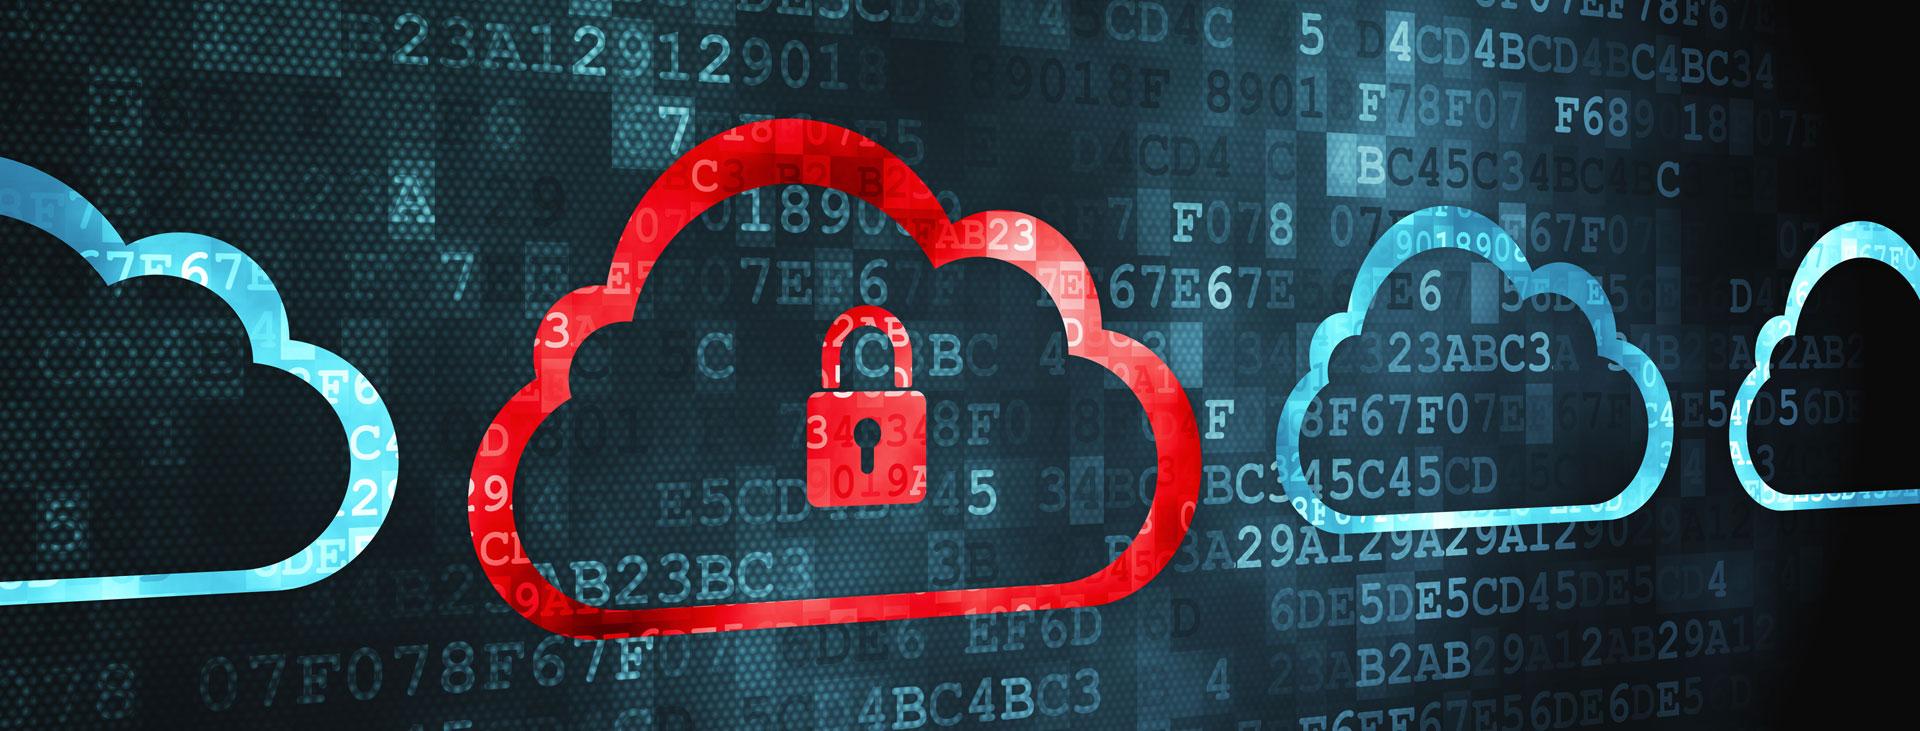 Is your WordPress website safe from security vulnerabilities?